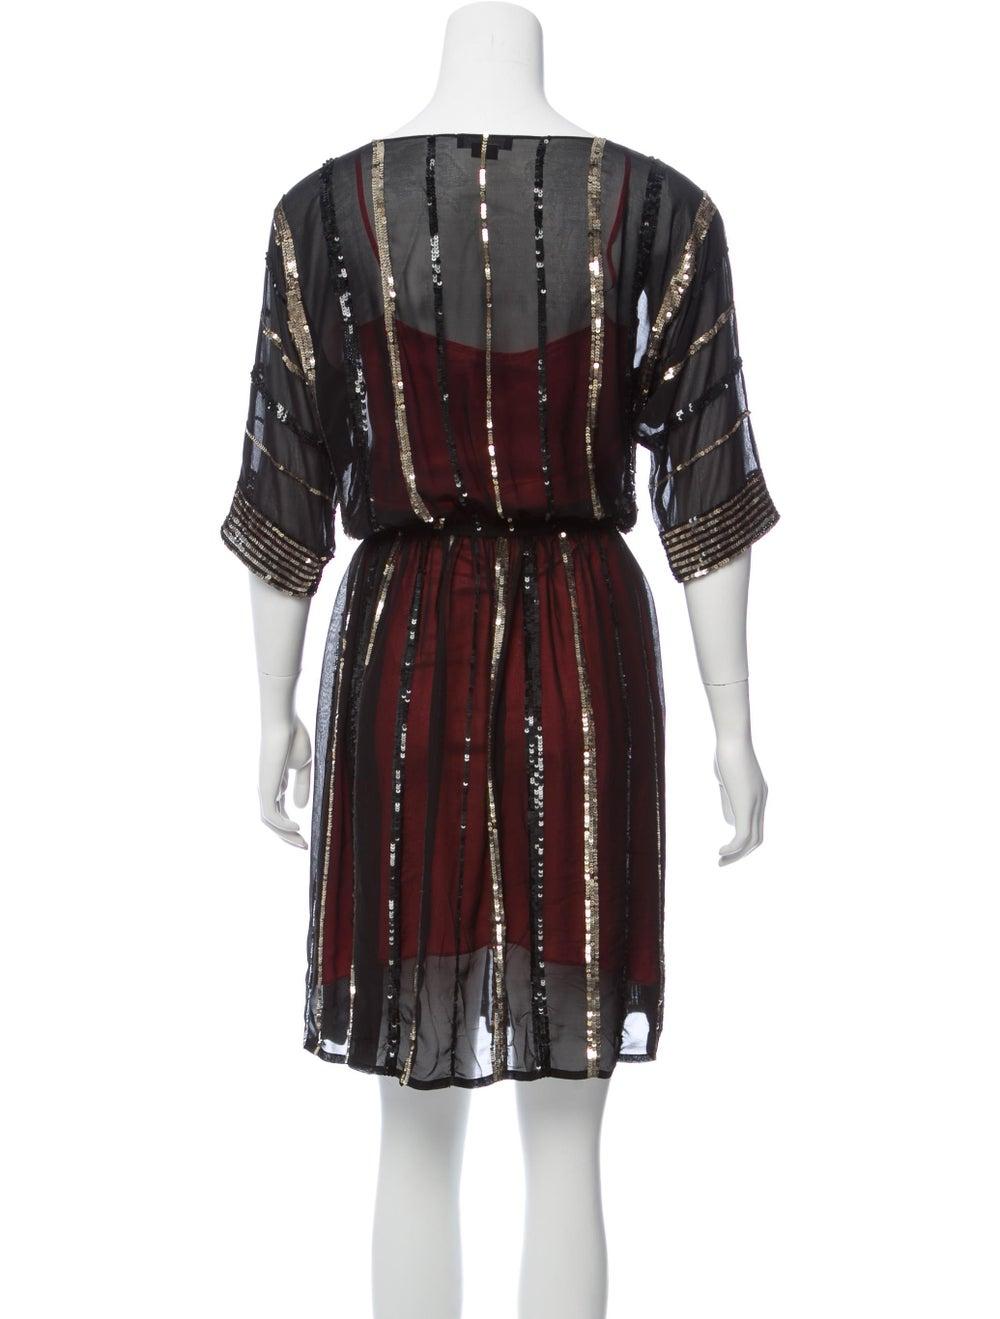 Gryphon Silk Embellished Dress Black - image 3